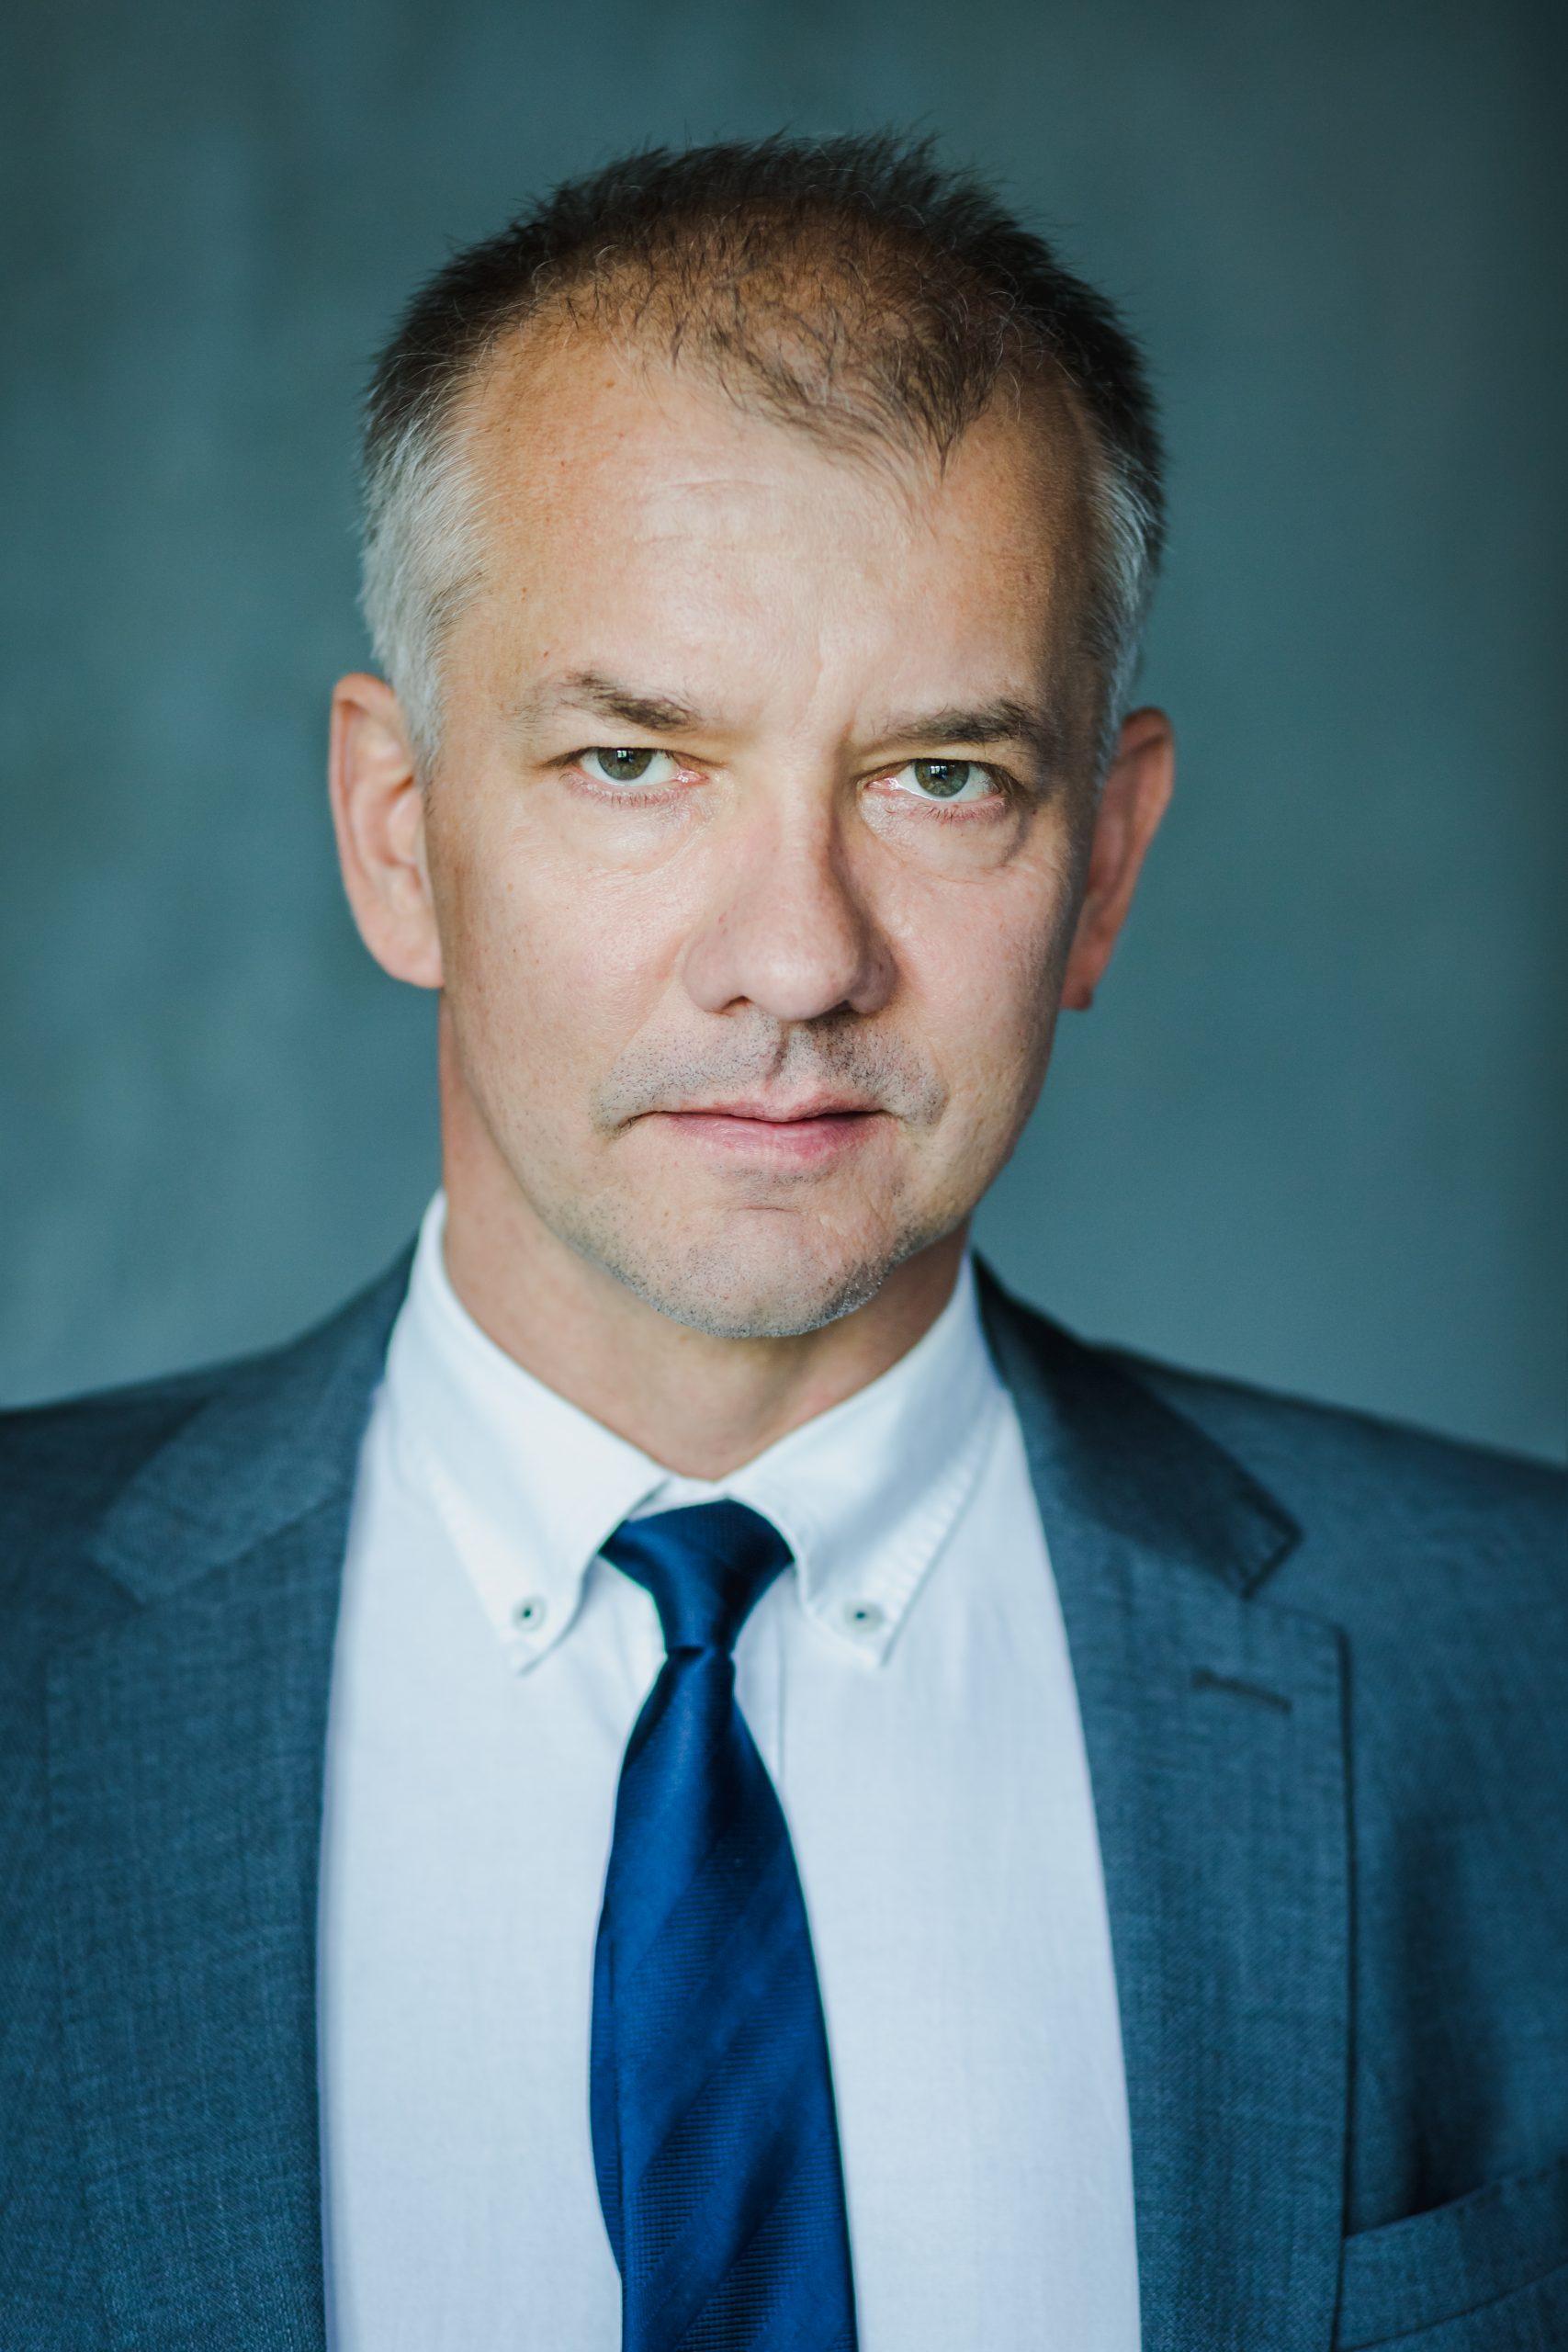 Piotr Wierzbowski